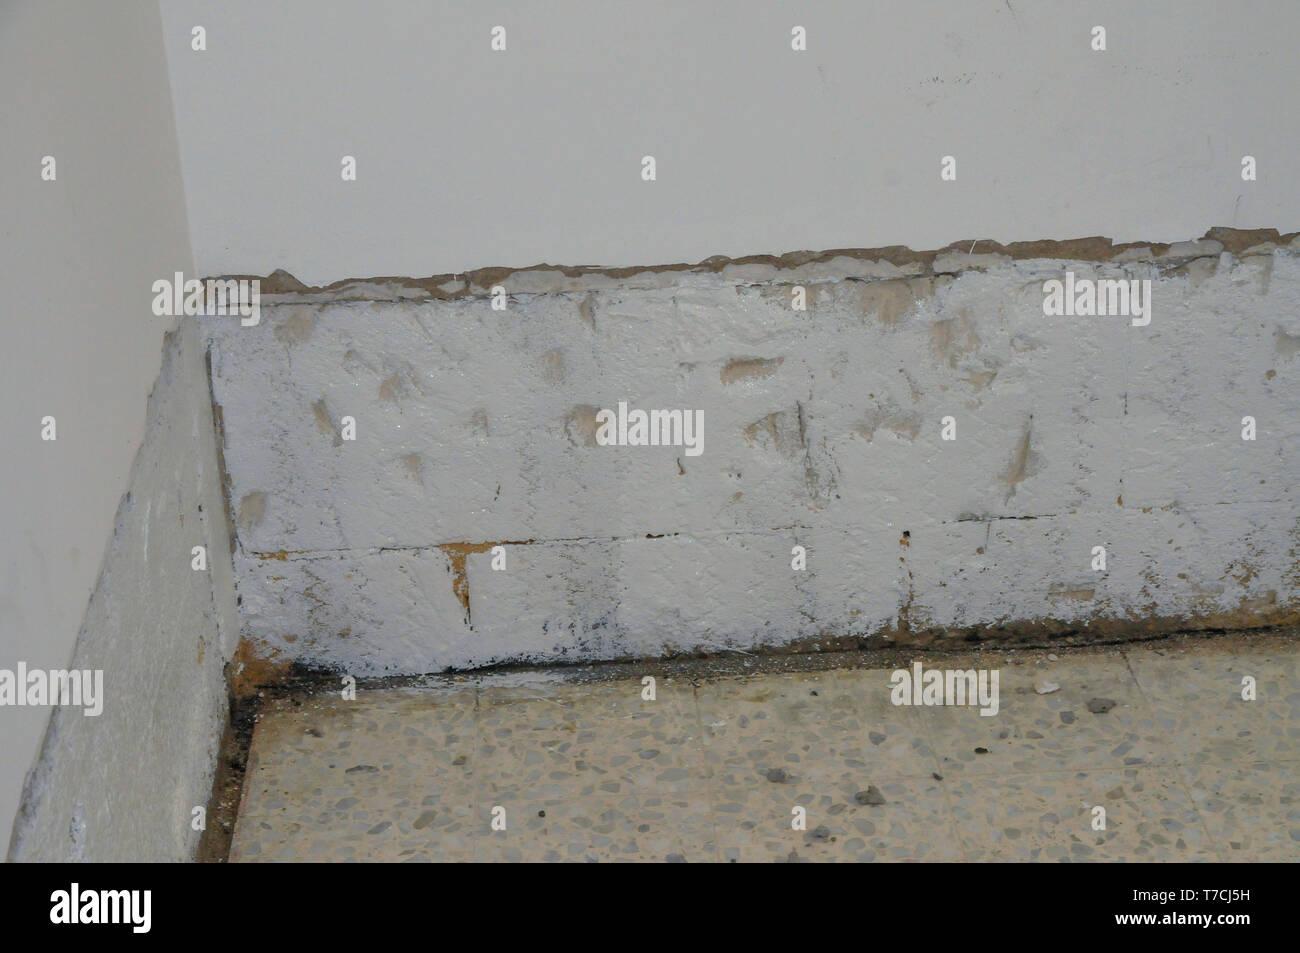 Ganz und zu Extrem Putz Einer Hauswand Stockfotos & Putz Einer Hauswand Bilder - Alamy #JQ_88